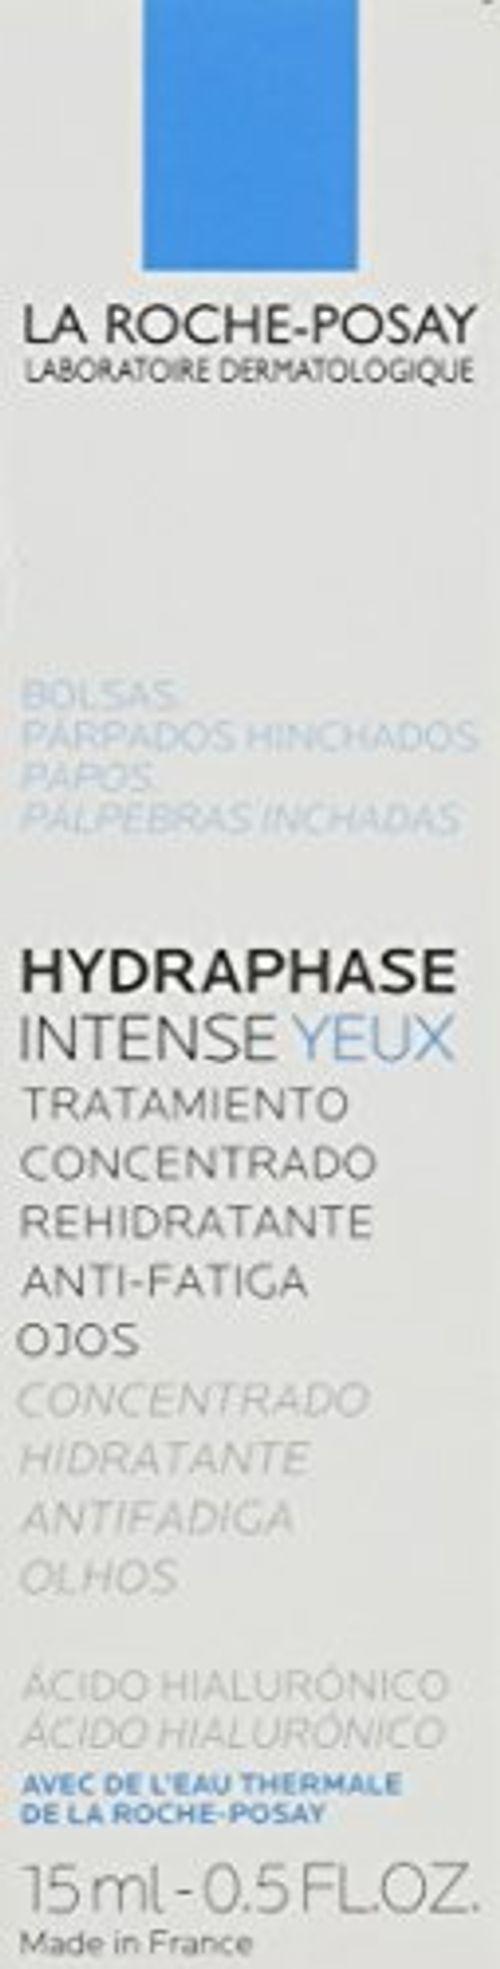 photo Wallpaper of La Roche-Posay-LA ROCHE POSAY Hydraphase Intense Ojos 15ML-